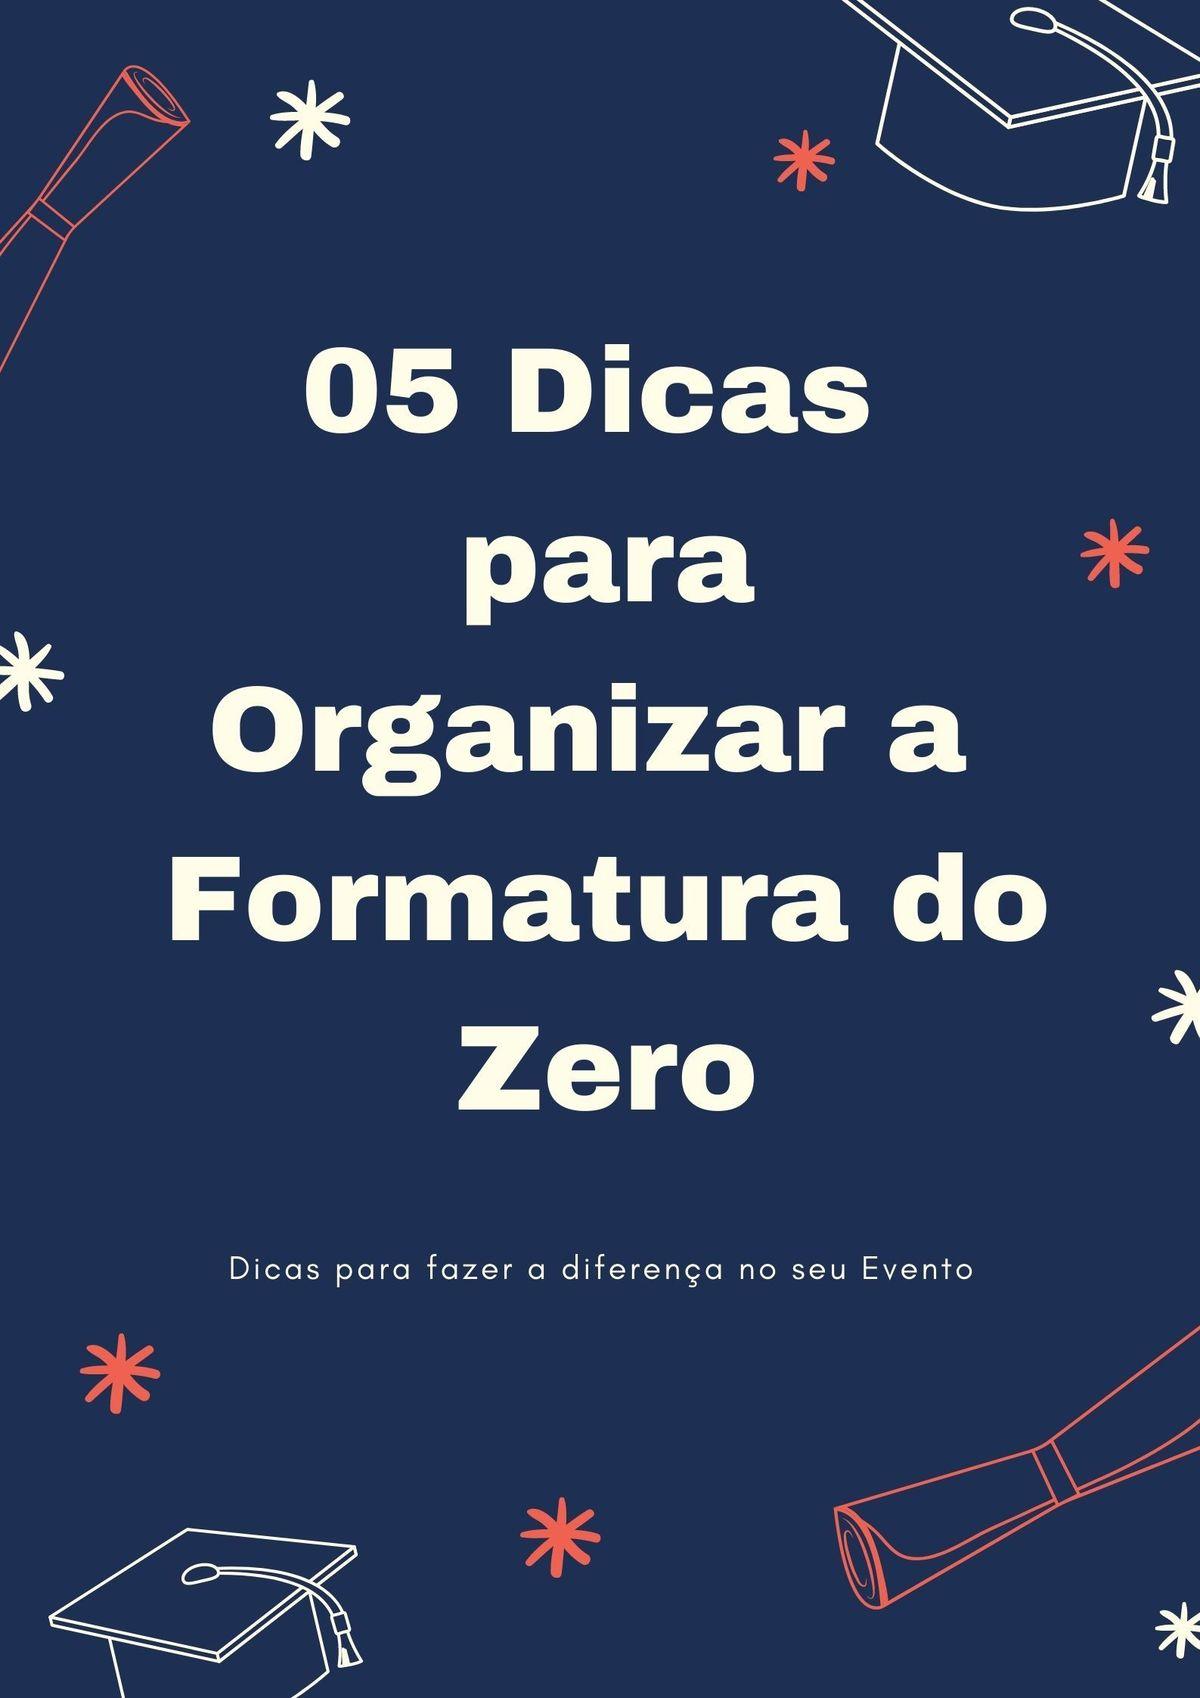 Imagem capa - 05 dicas para  organizar a formatura perfeita saindo do zero! por Universi Formaturas